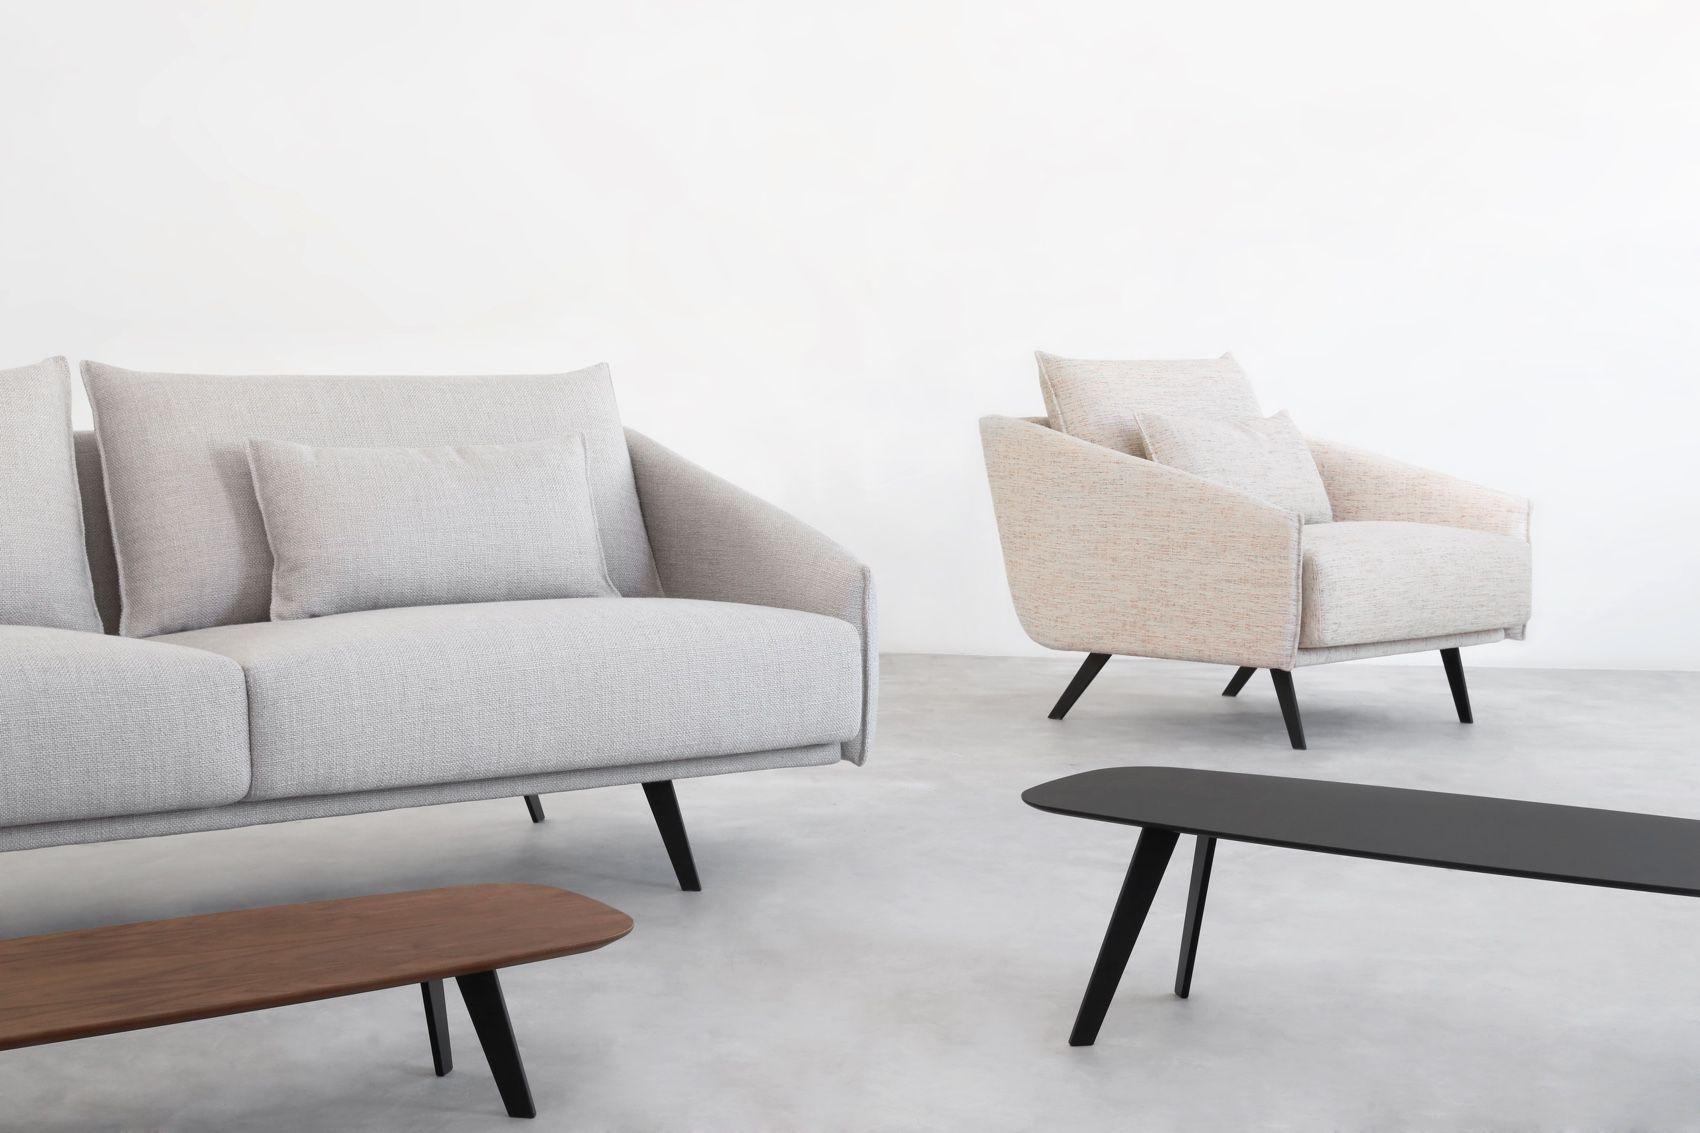 Stua Solapa Tables with costura sofa